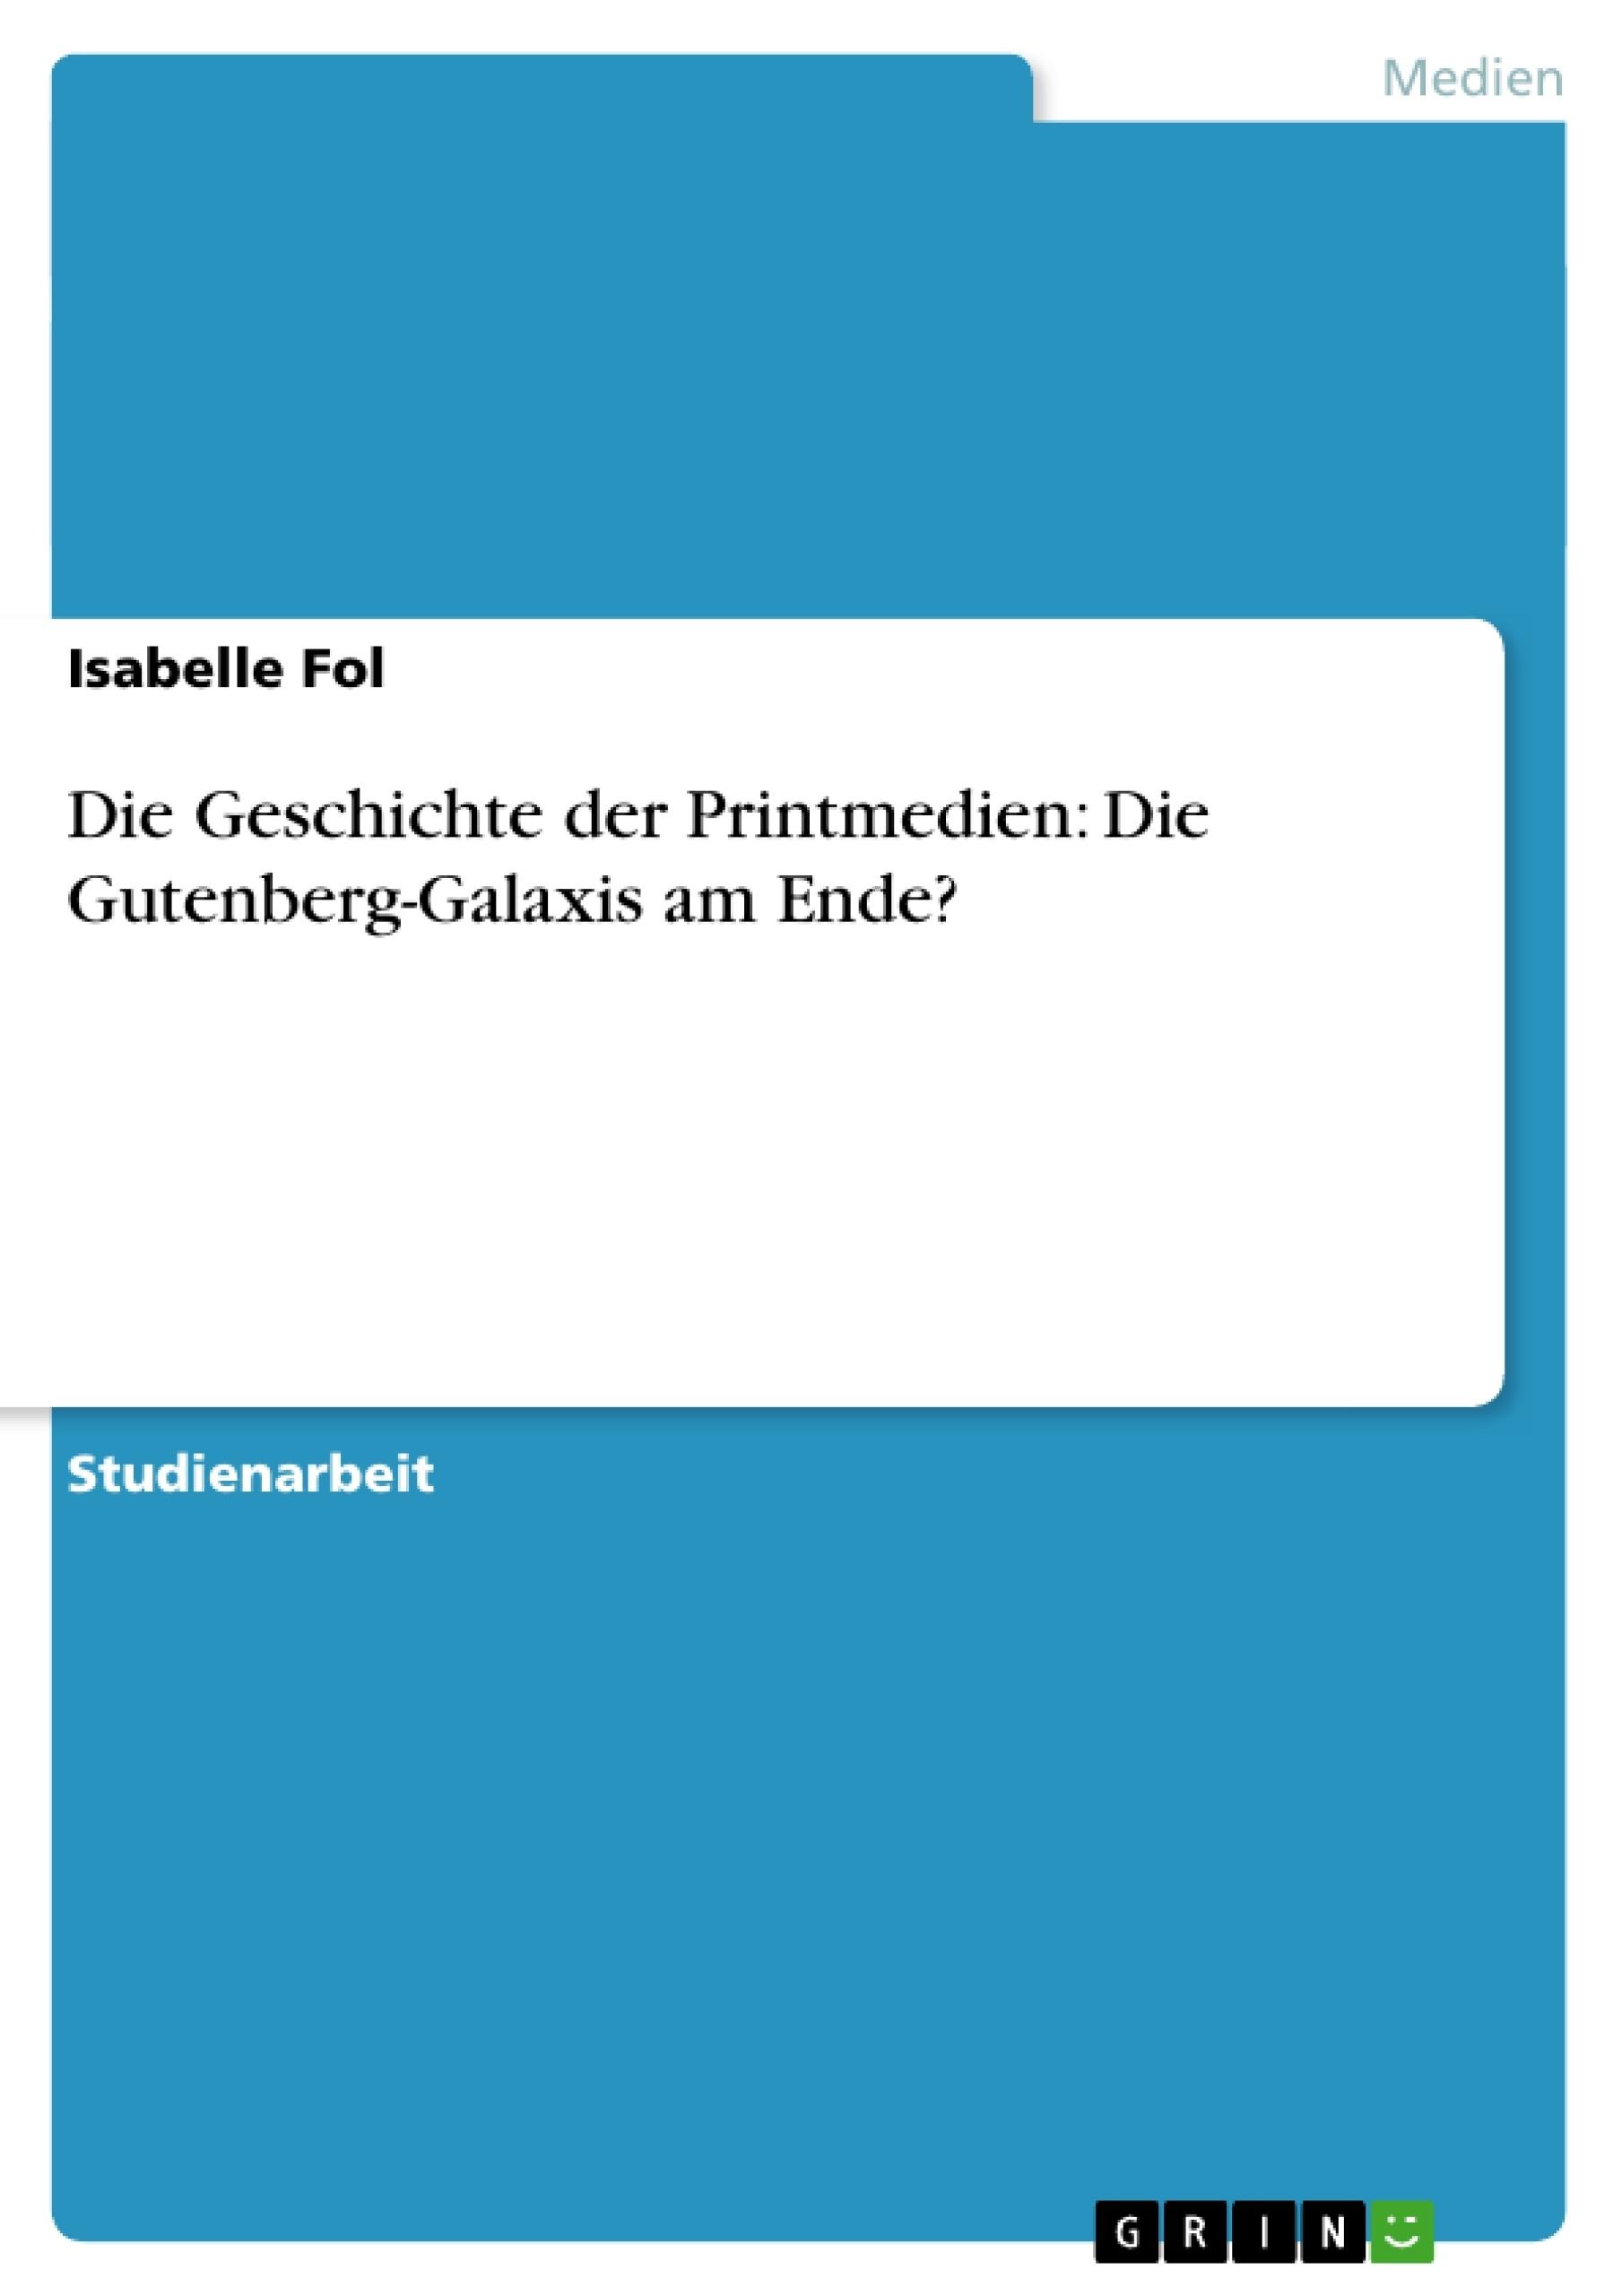 Titel: Die Geschichte der Printmedien: Die Gutenberg-Galaxis am Ende?